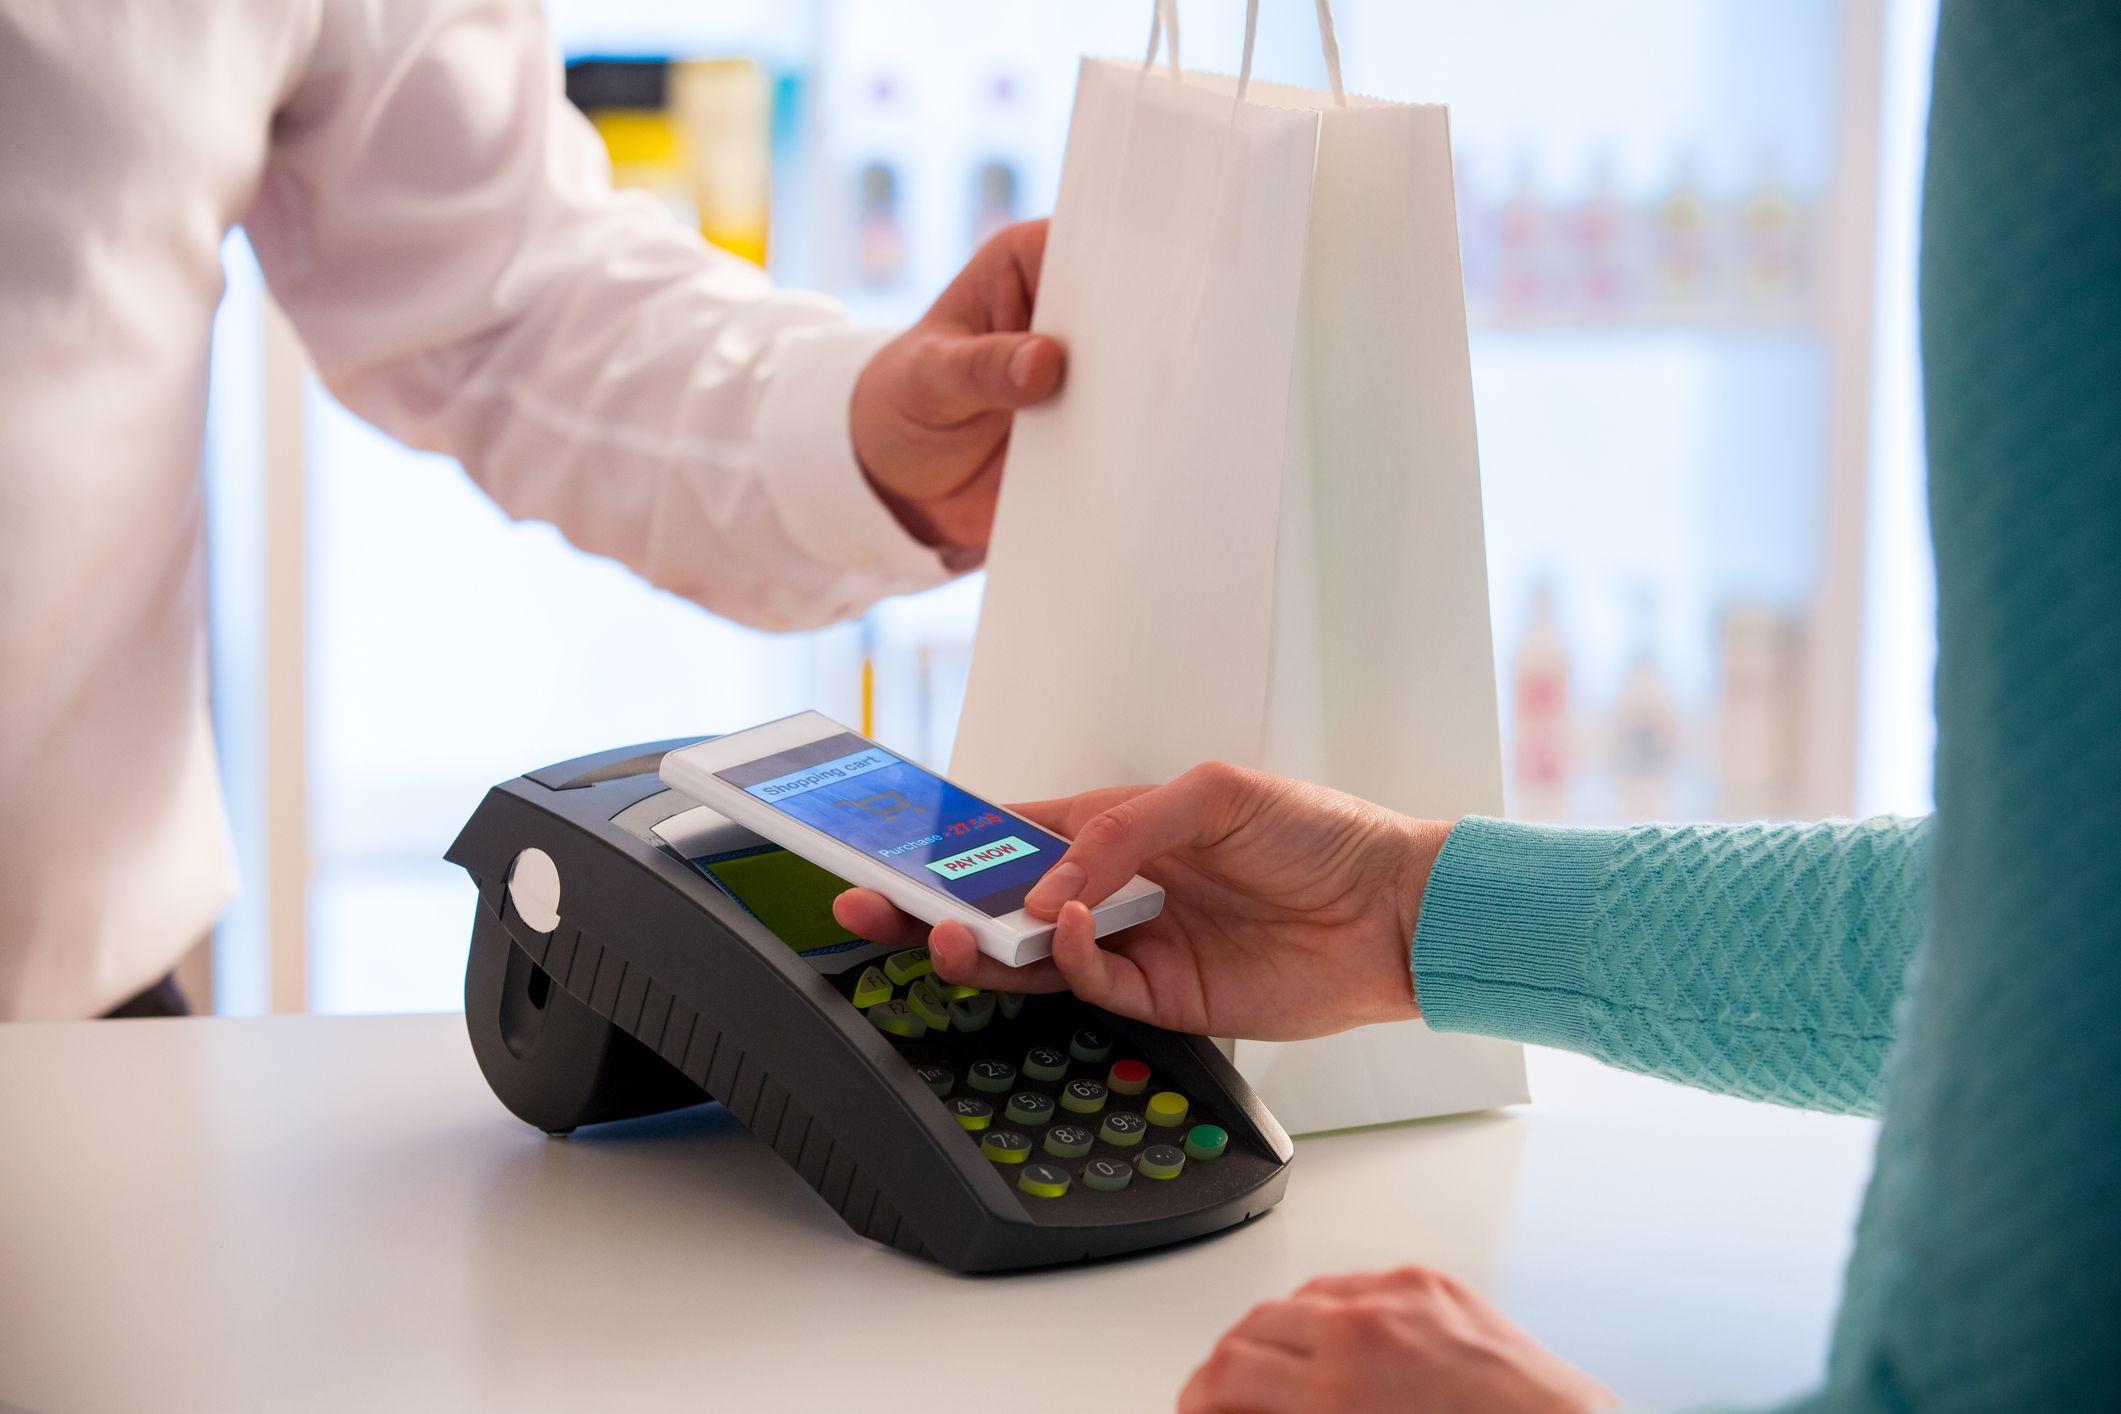 Pago inalámbrico utilizando smartphone y tecnología NFC.